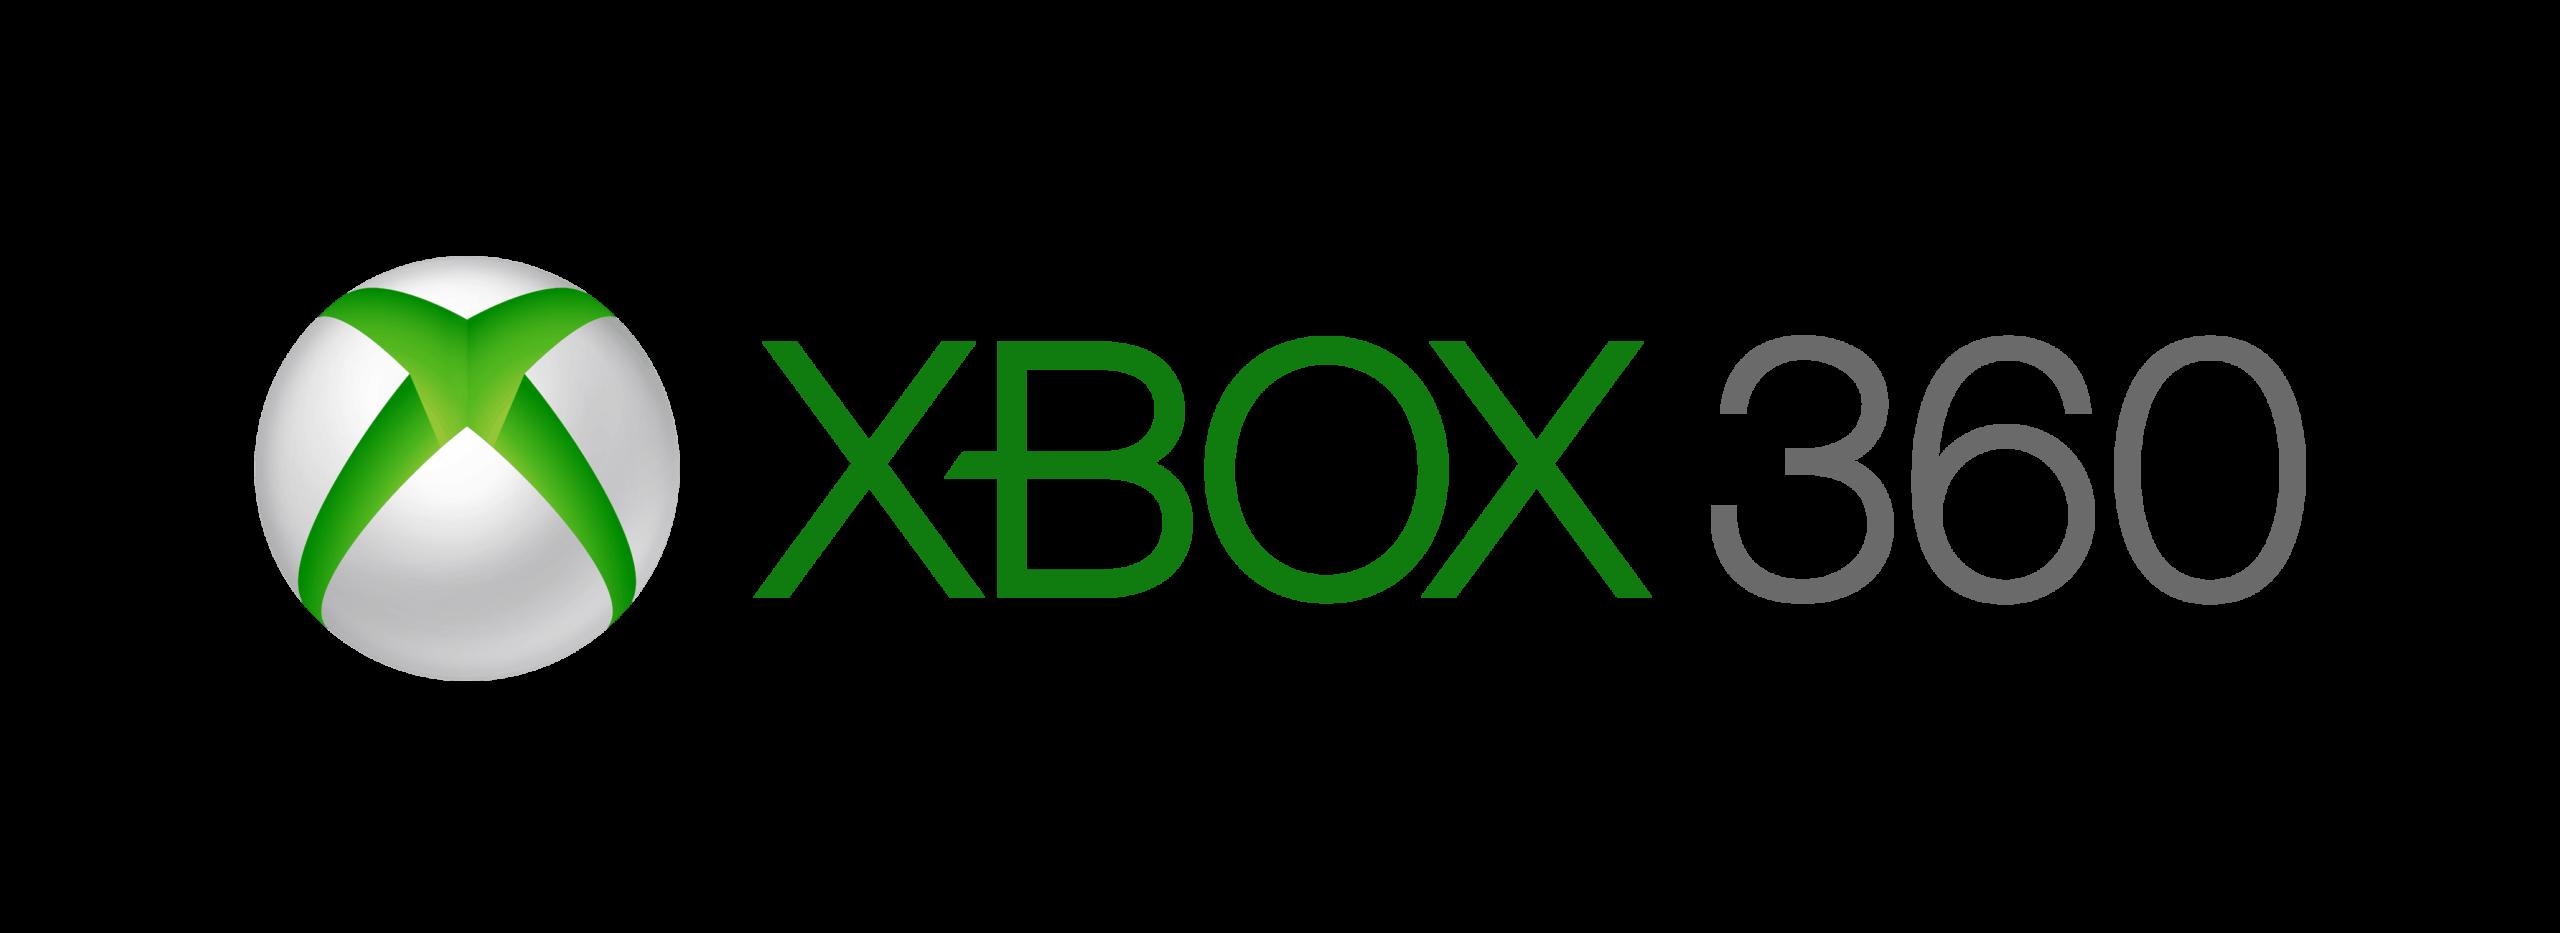 Xbox360_2013_horizontal_rgb